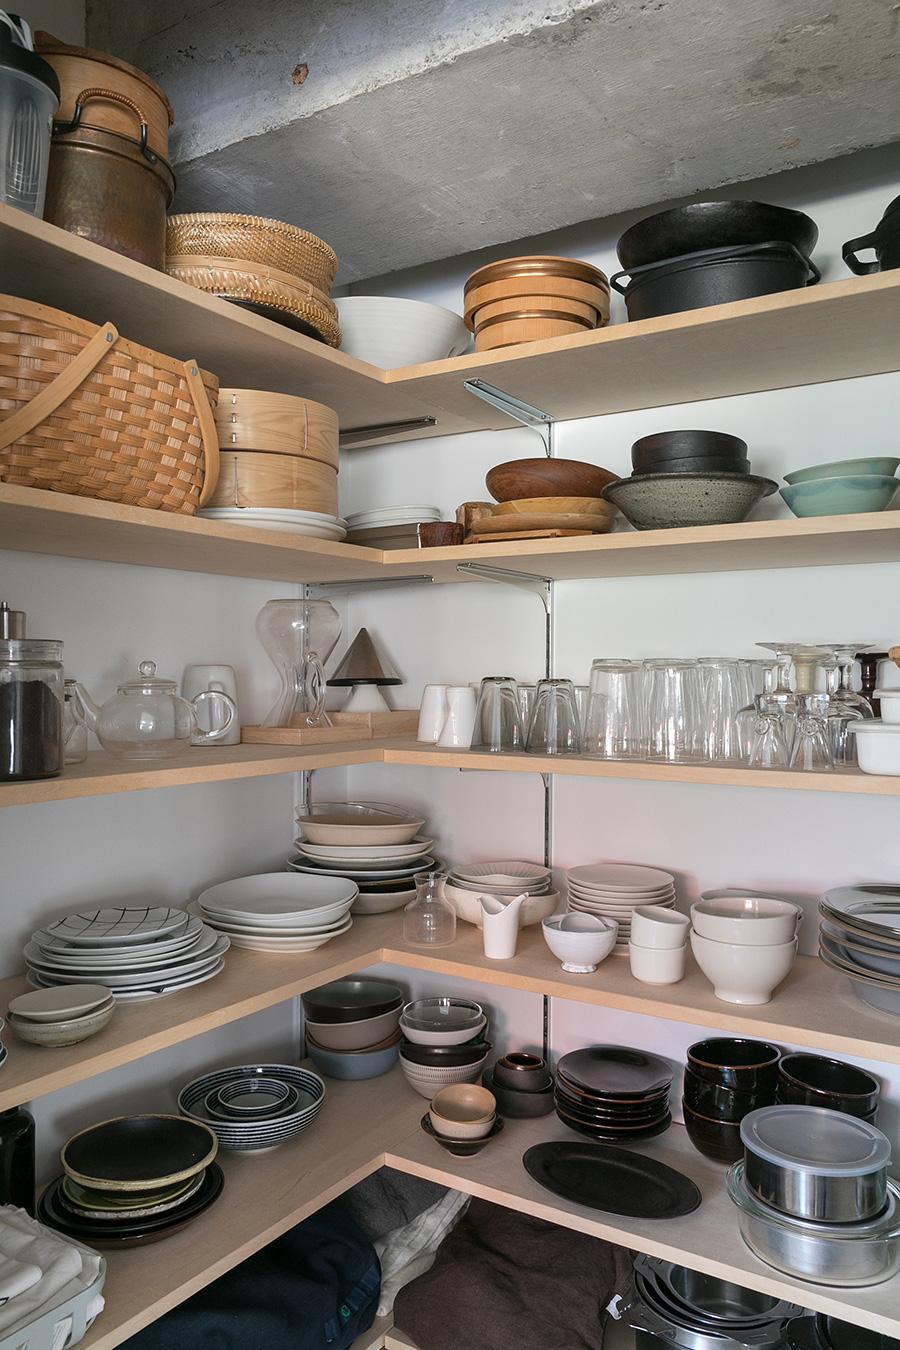 棚の裏側がパントリーになっている。「とても使いやすく気に入っています。食器は気に入ったものを厳選して置いています」